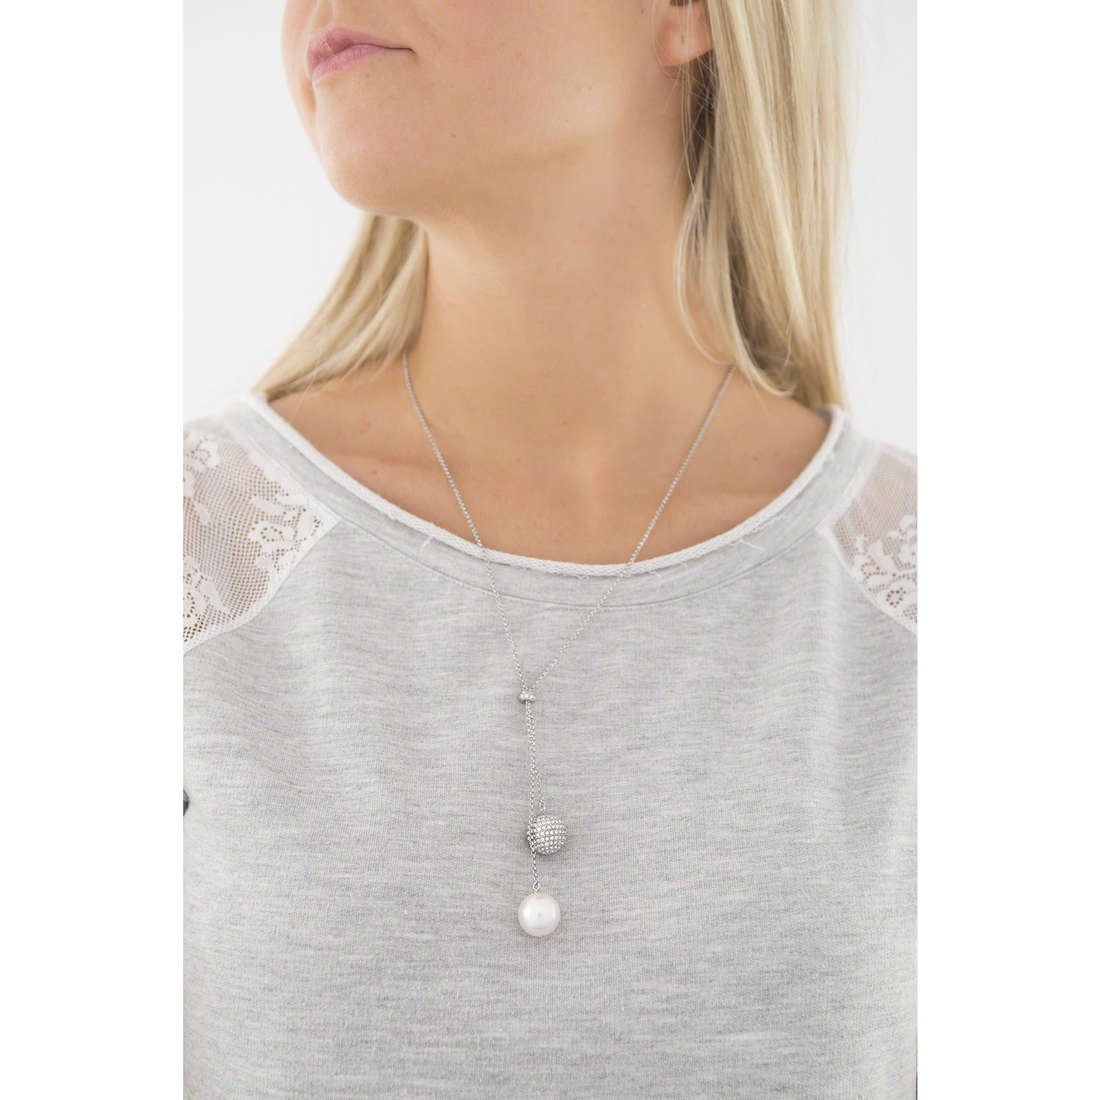 Emporio Armani necklaces woman EGS2235040 indosso